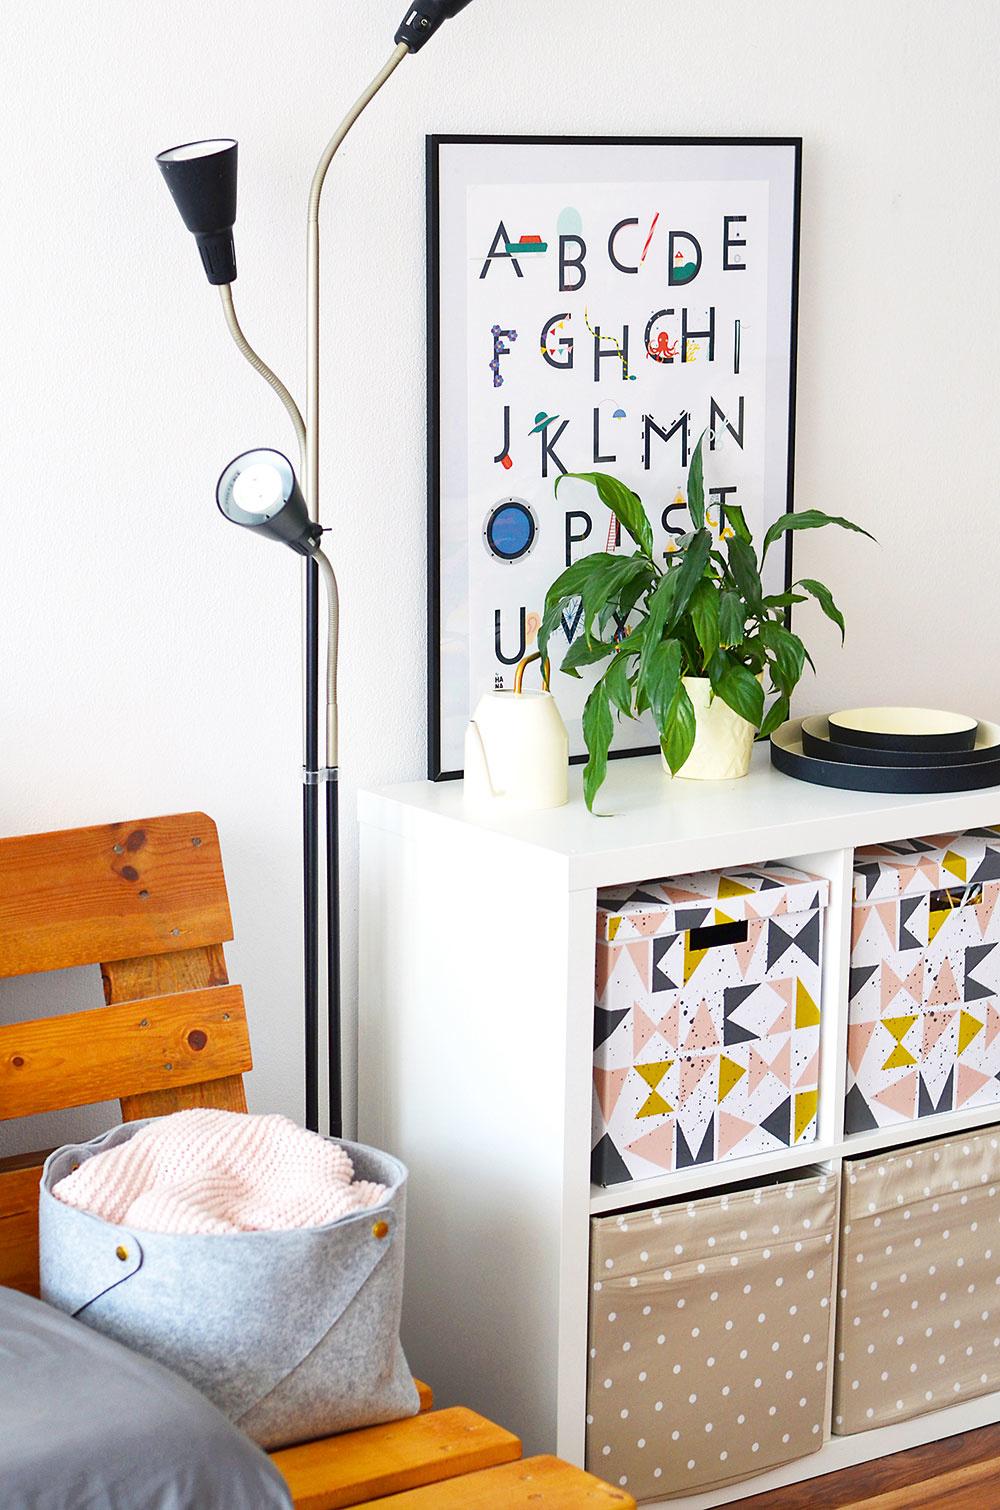 Bez zásuviek advierok. Jednoduchá zostava KALLAX doplnená oškatule aboxy pojme všetko dôležité, čo manželia vobývačke potrebujú. Zároveň vytvára príjemné zátišie, po akom Nina túžila. Väčšina dekorácií je zIkey, abecedový plagát je od slovenskej autorky byHANA.